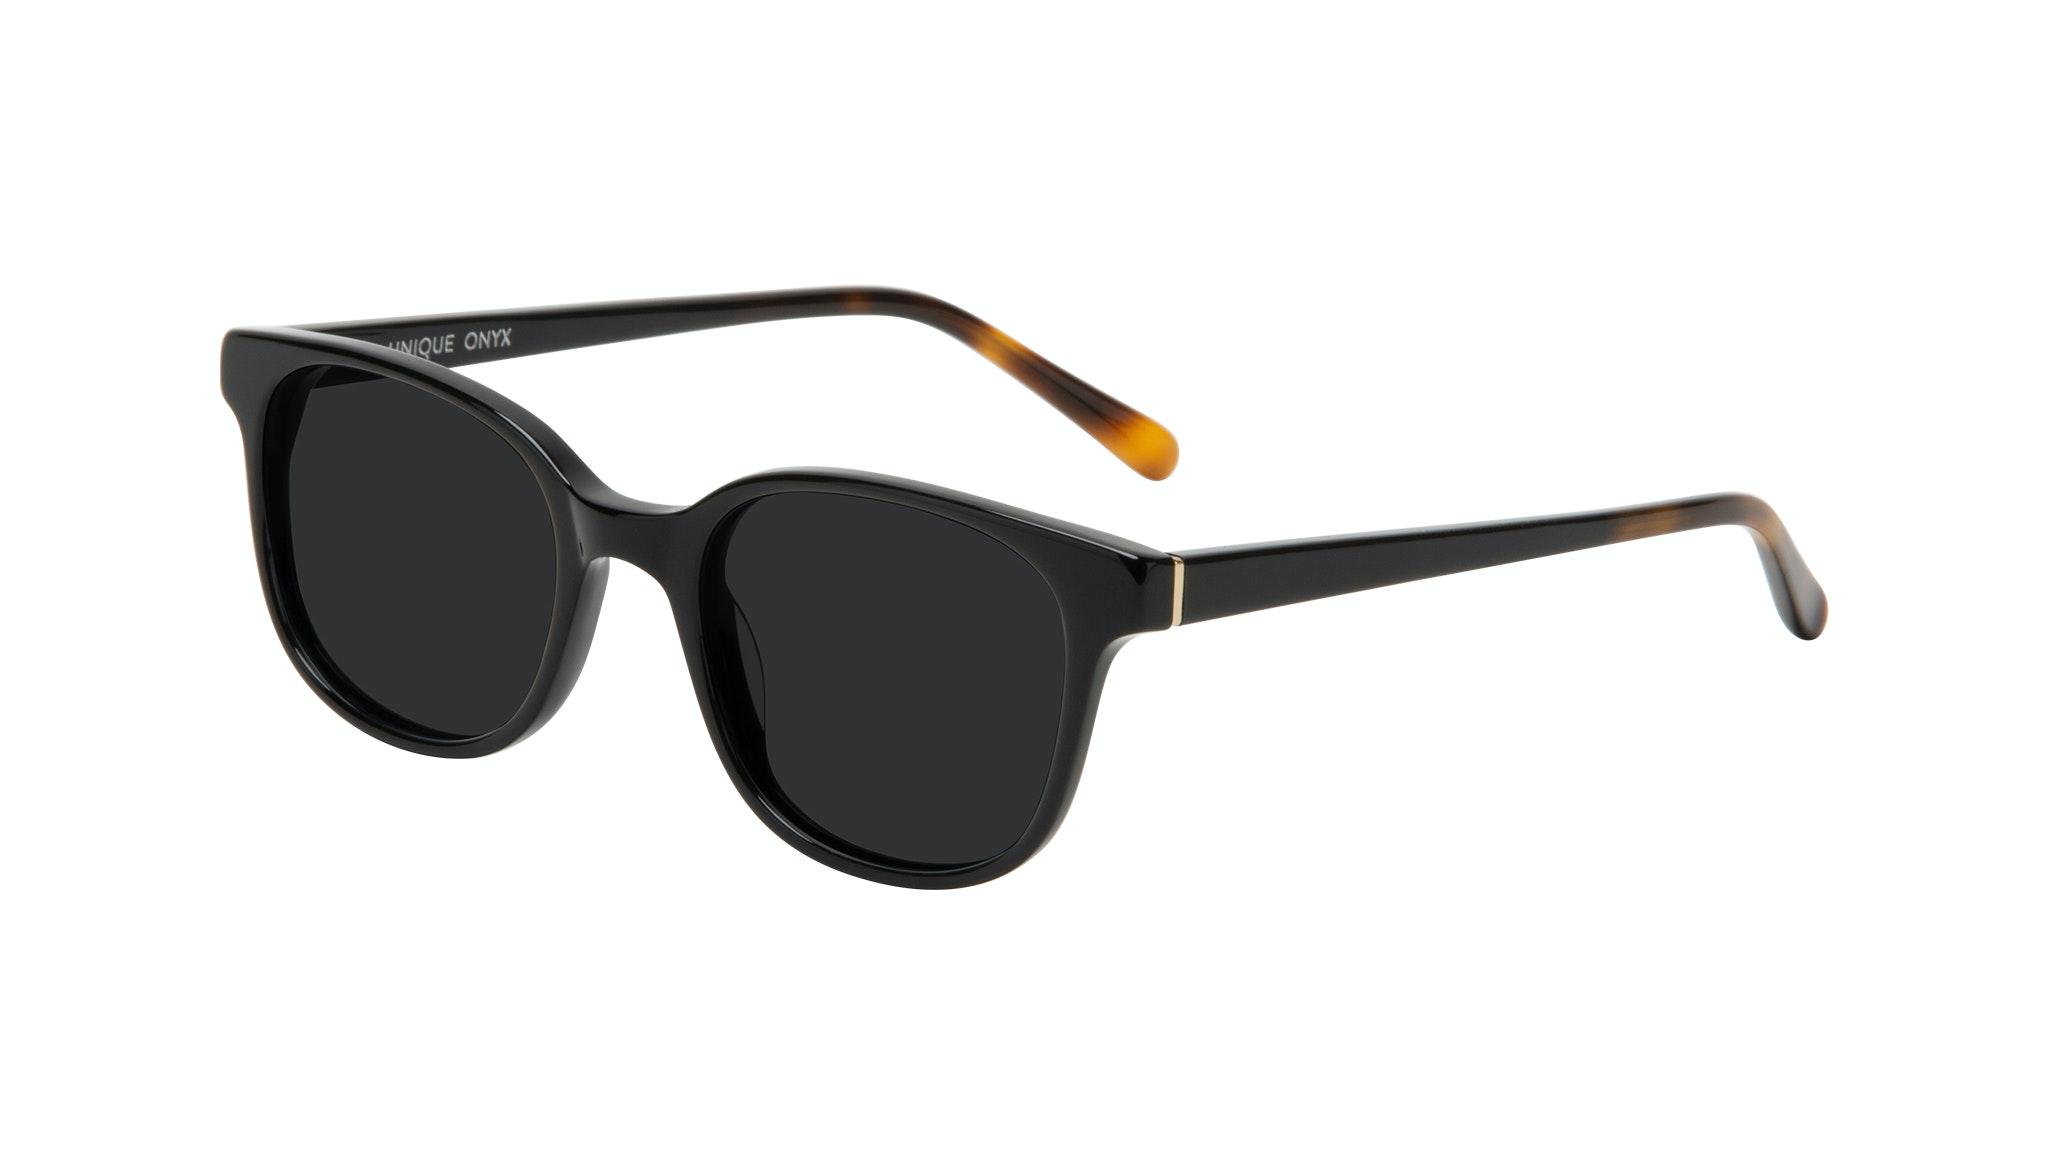 Affordable Fashion Glasses Square Sunglasses Women Unique Onyx Tilt